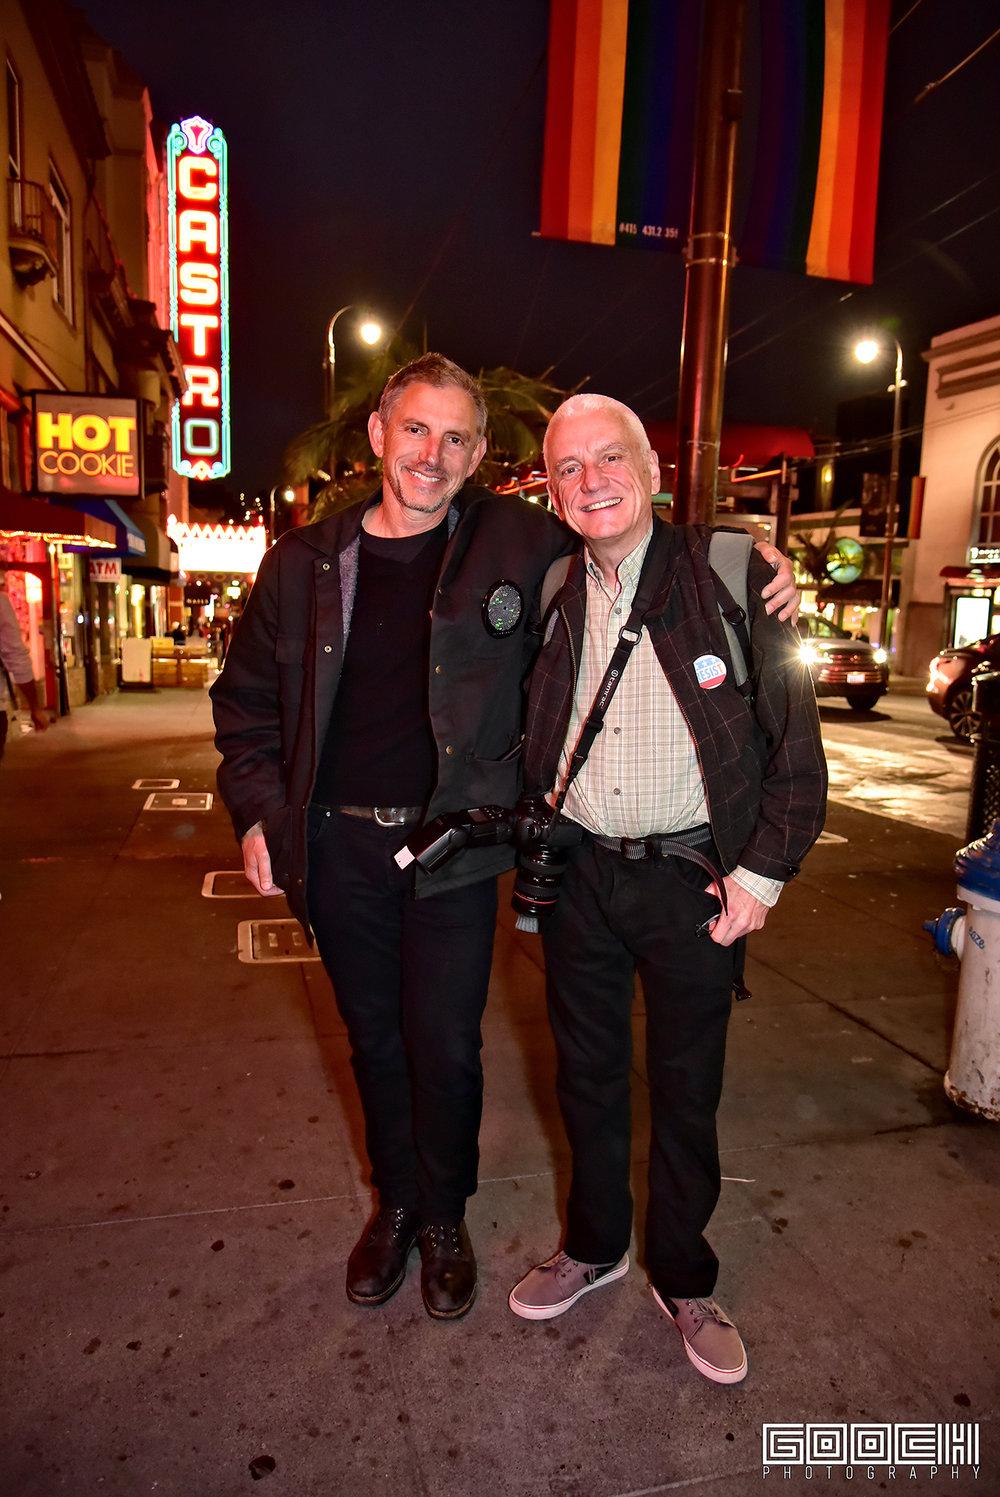 Gooch_Danny&Ben.jpg